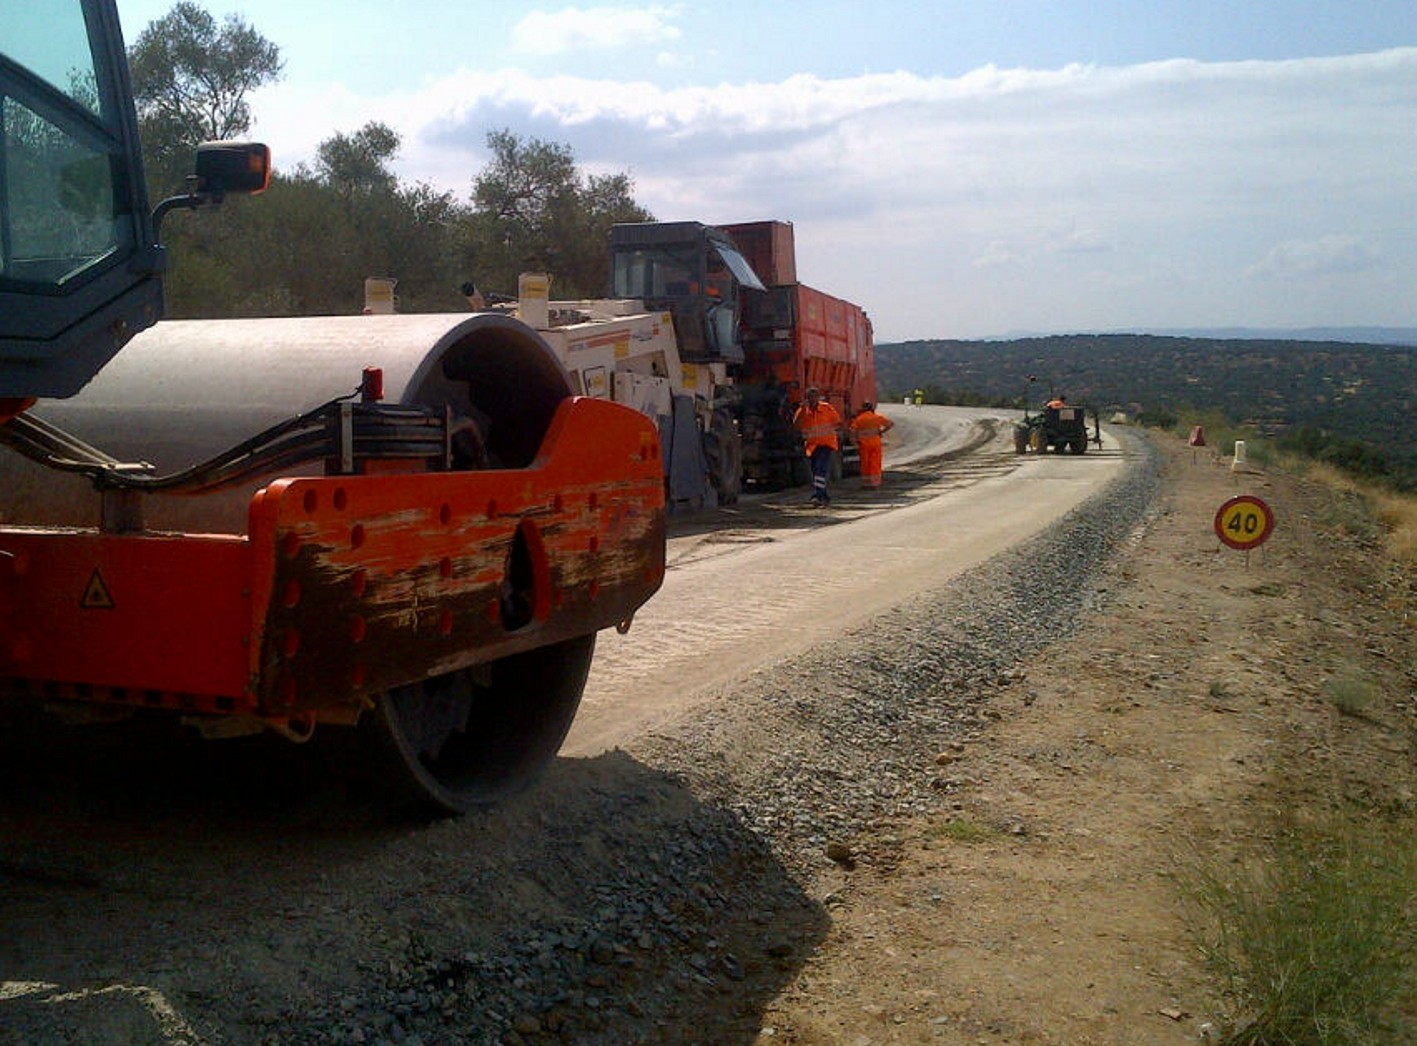 La siguente fase consistirá en prepara los trabajos para la extensión de la capa de aglomerado.